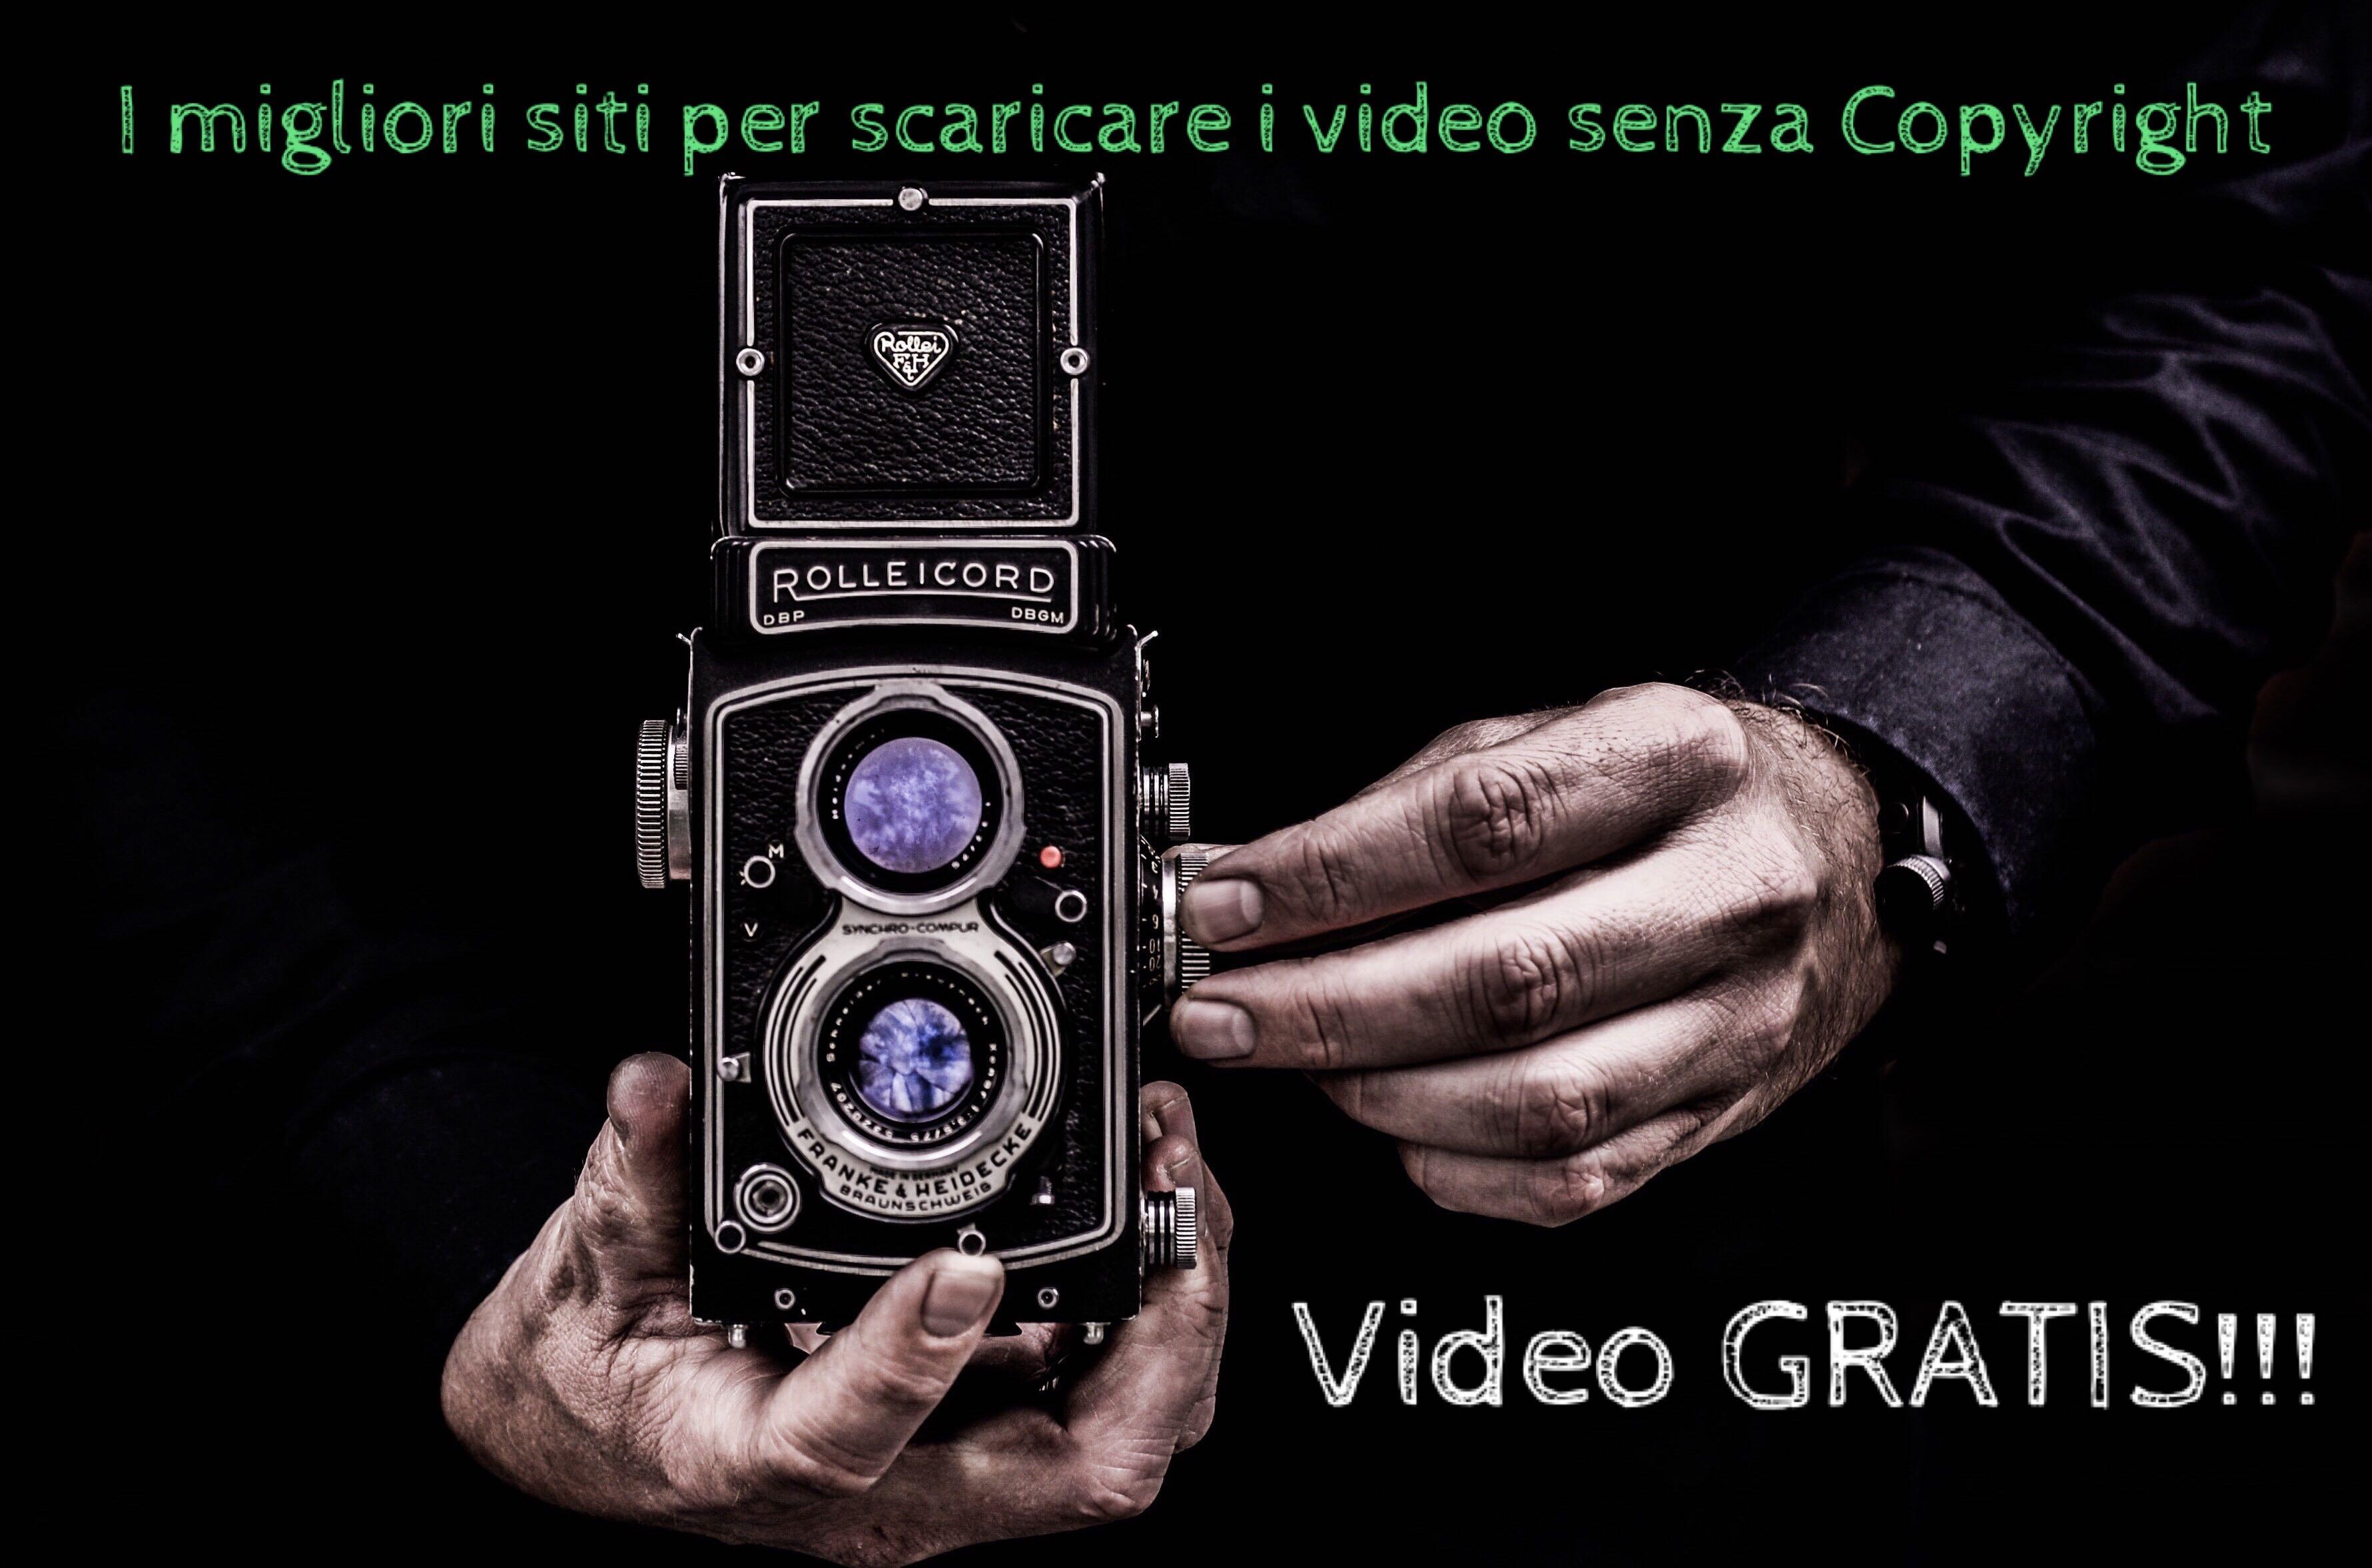 Video free: i migliori siti che ti permettono di scaricare gratuitamente i video senza copyright